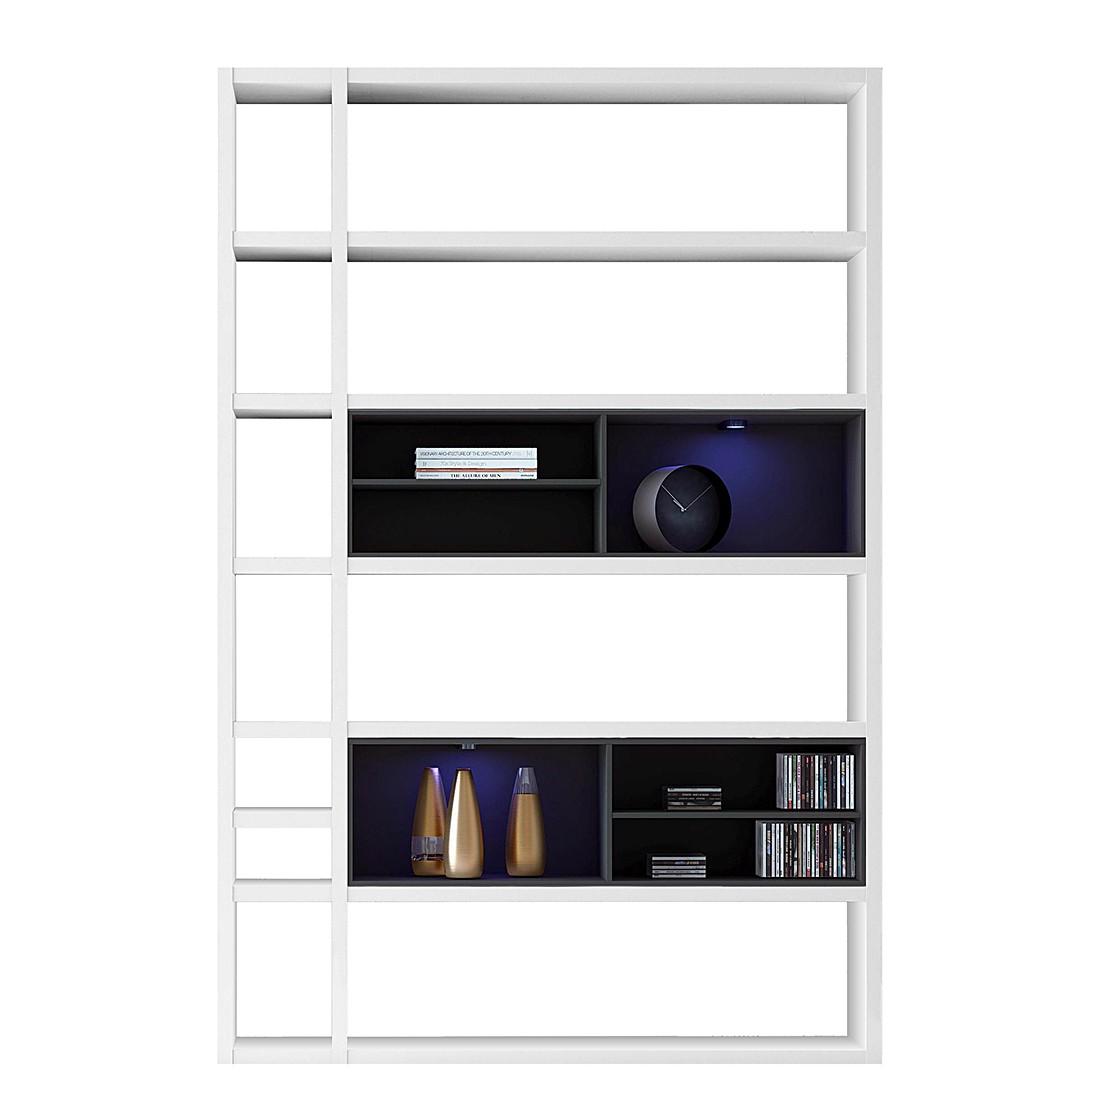 energie  A+, Kast Emporior I - wit/zwart - RGB-verlichting - Wit/zwart, loftscape